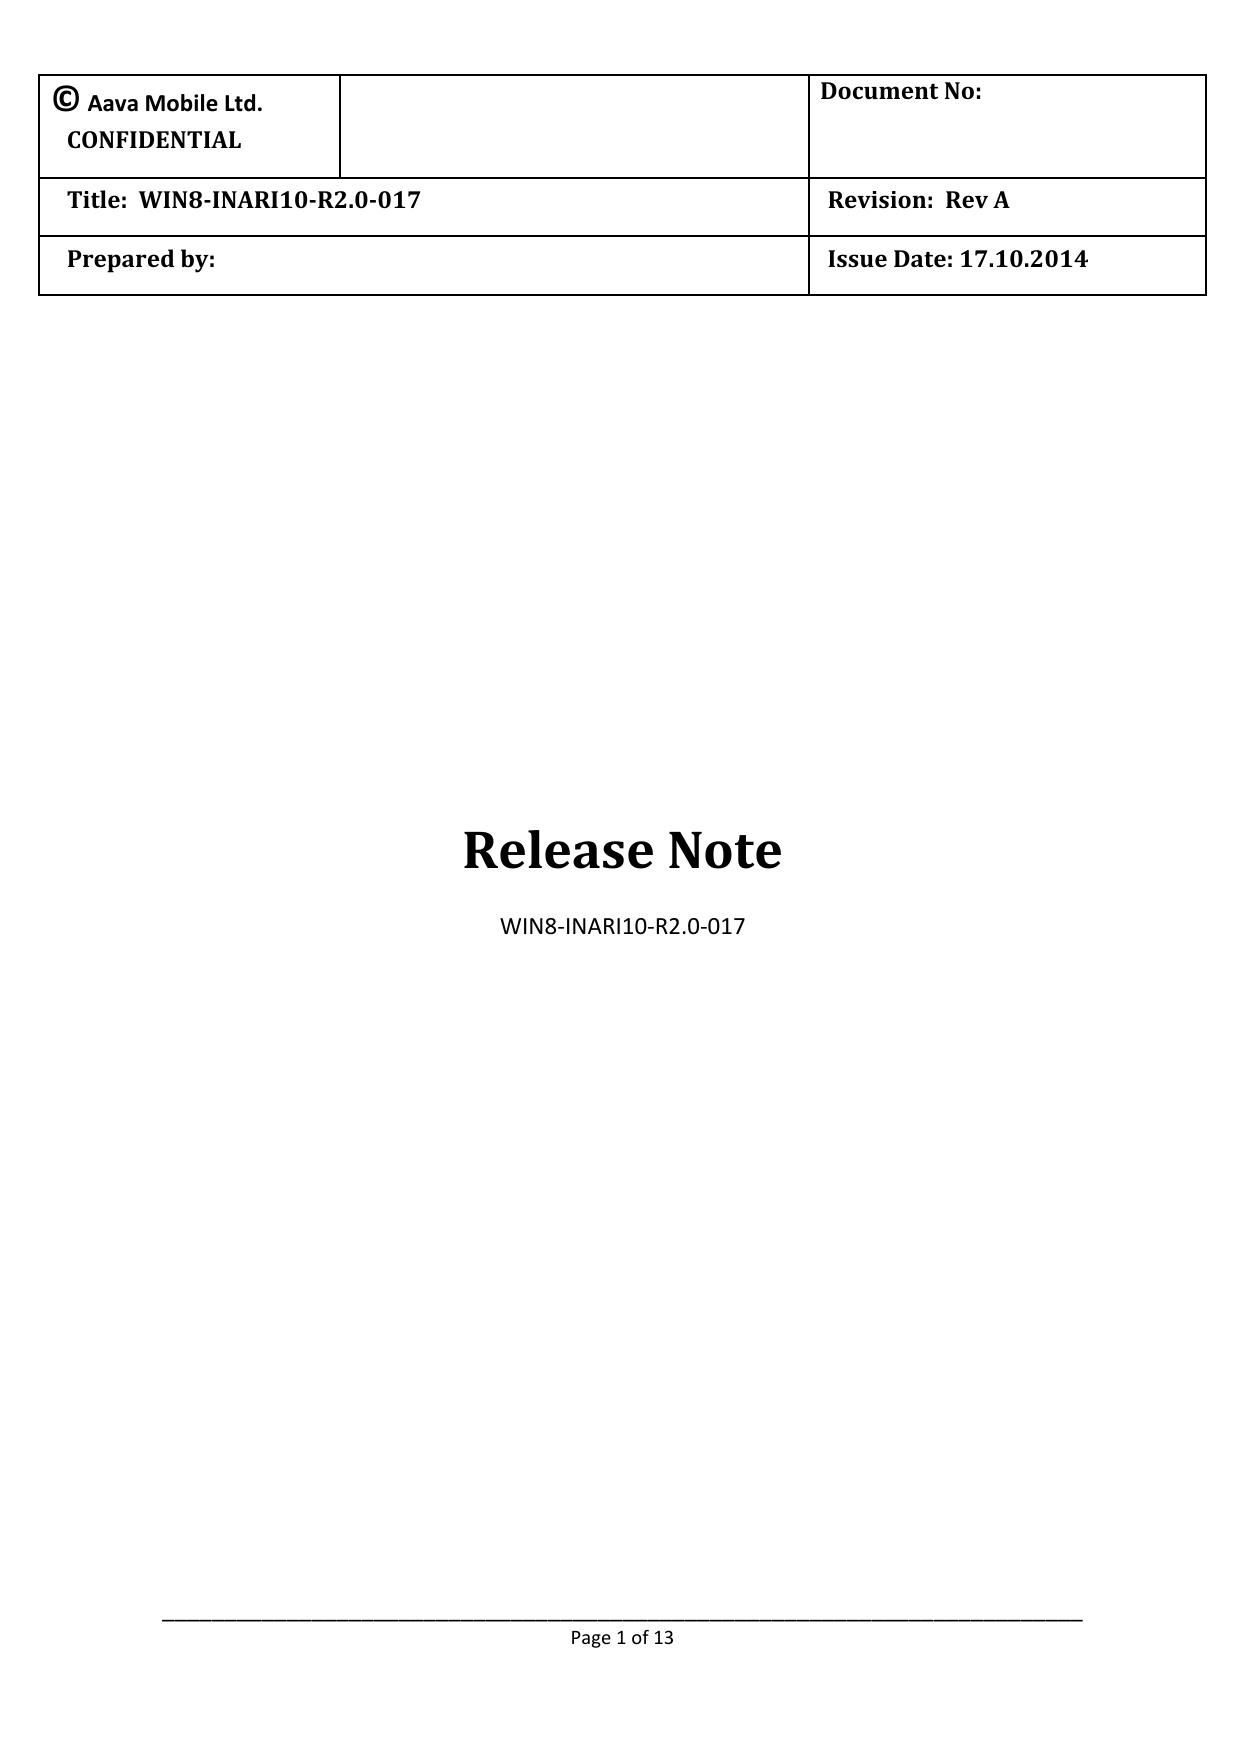 Insyde Bios Manual